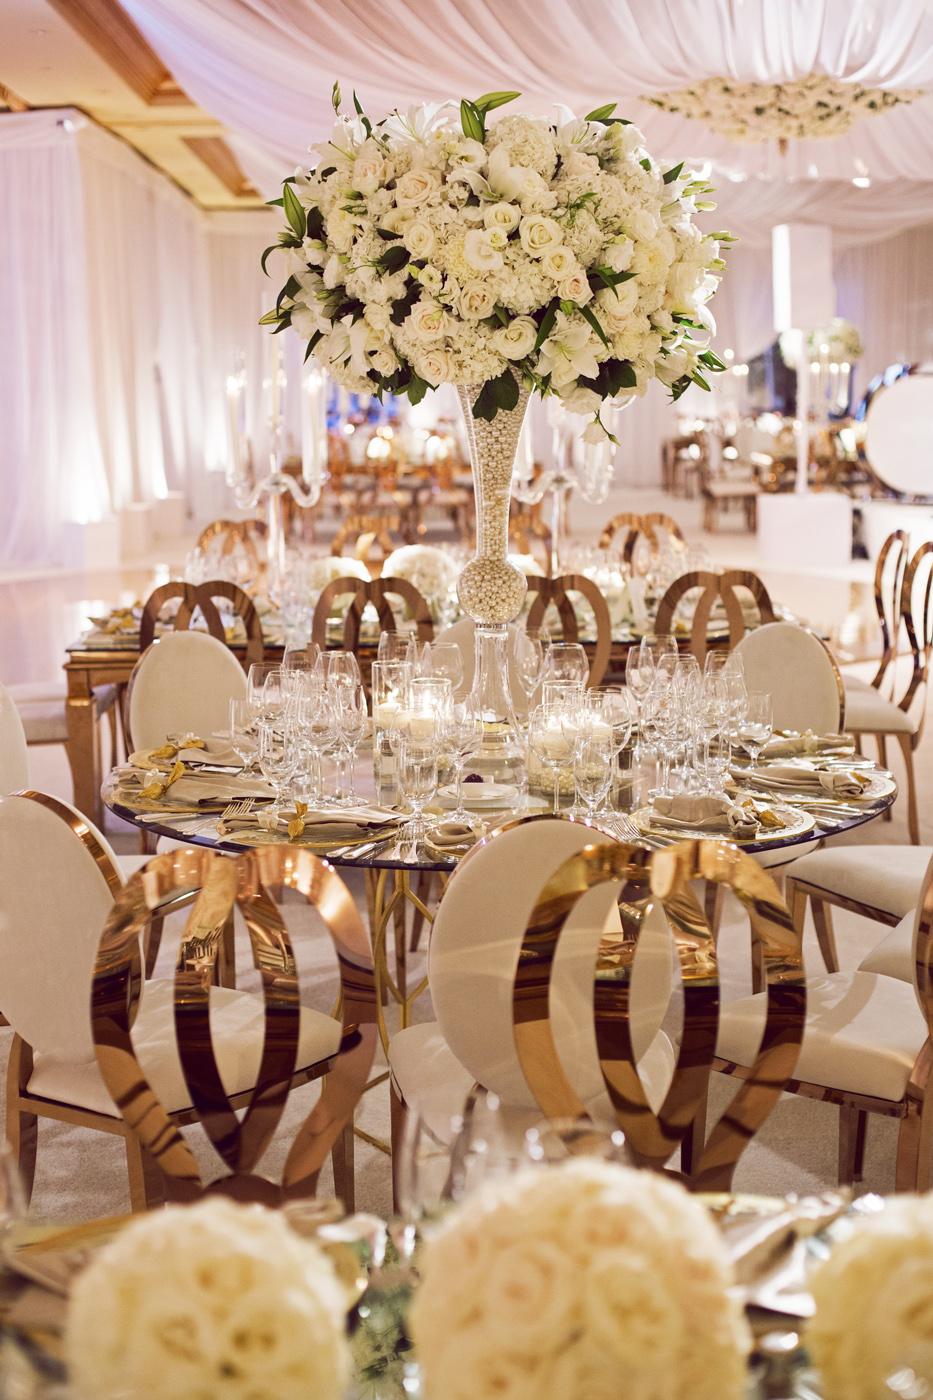 018_DukePhotography_DukeImages_Wedding_Details.jpg